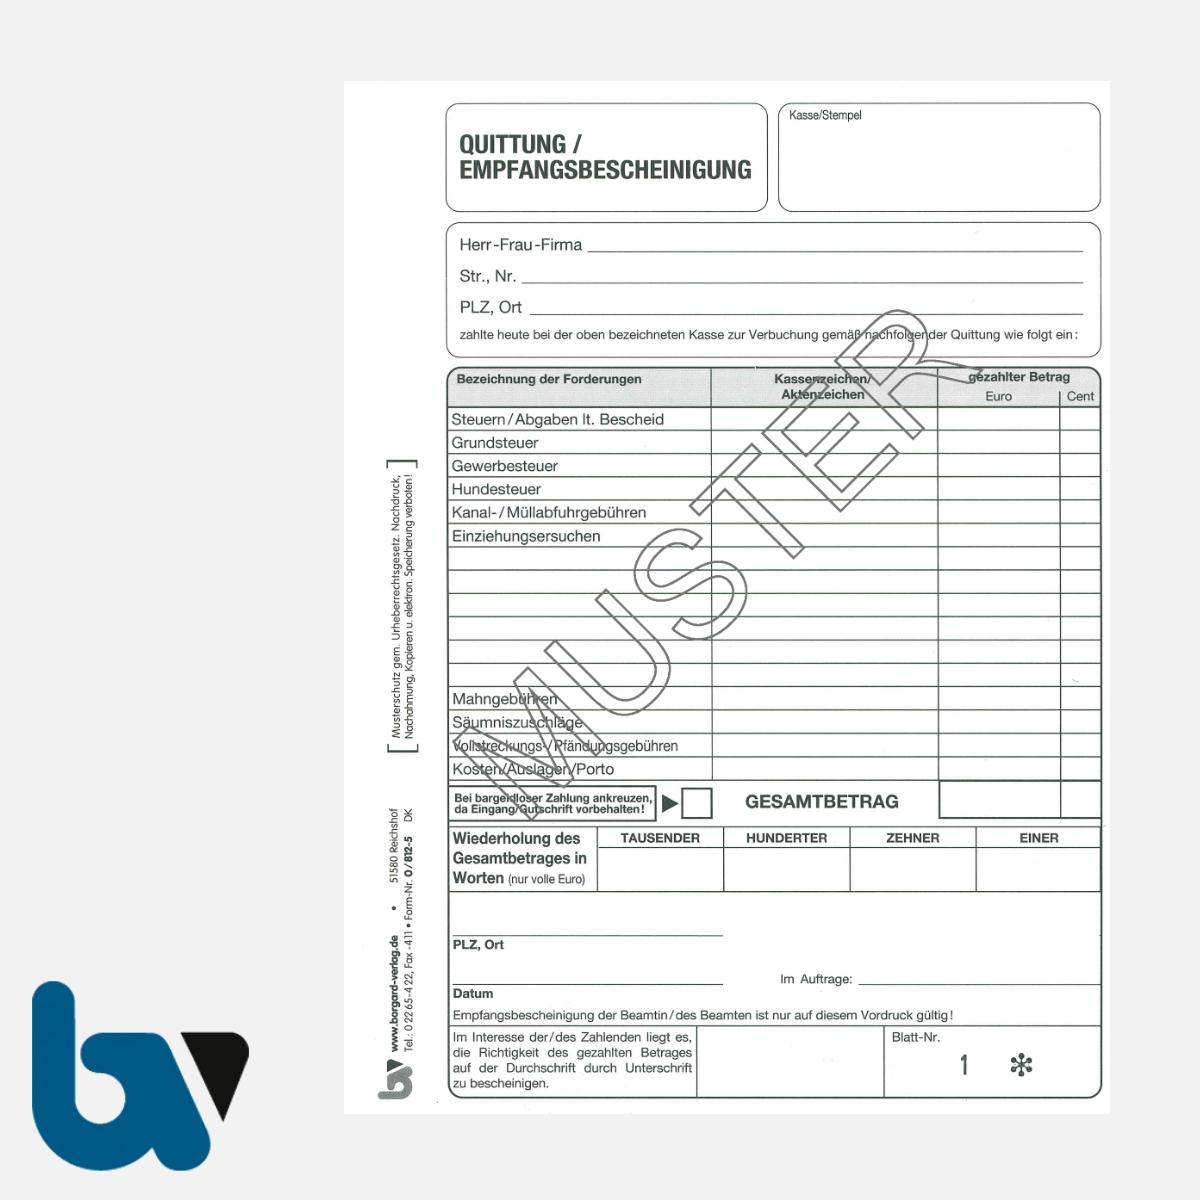 0/812-5 Quittung Empfangsbescheinigung Kasse Forderung Abgaben Steuern Gebühren Kosten selbstdurchschreibend 2-fach Schreibschutzdeckel Nummerierung 1-50 DIN A5 S 1 | Borgard Verlag GmbH